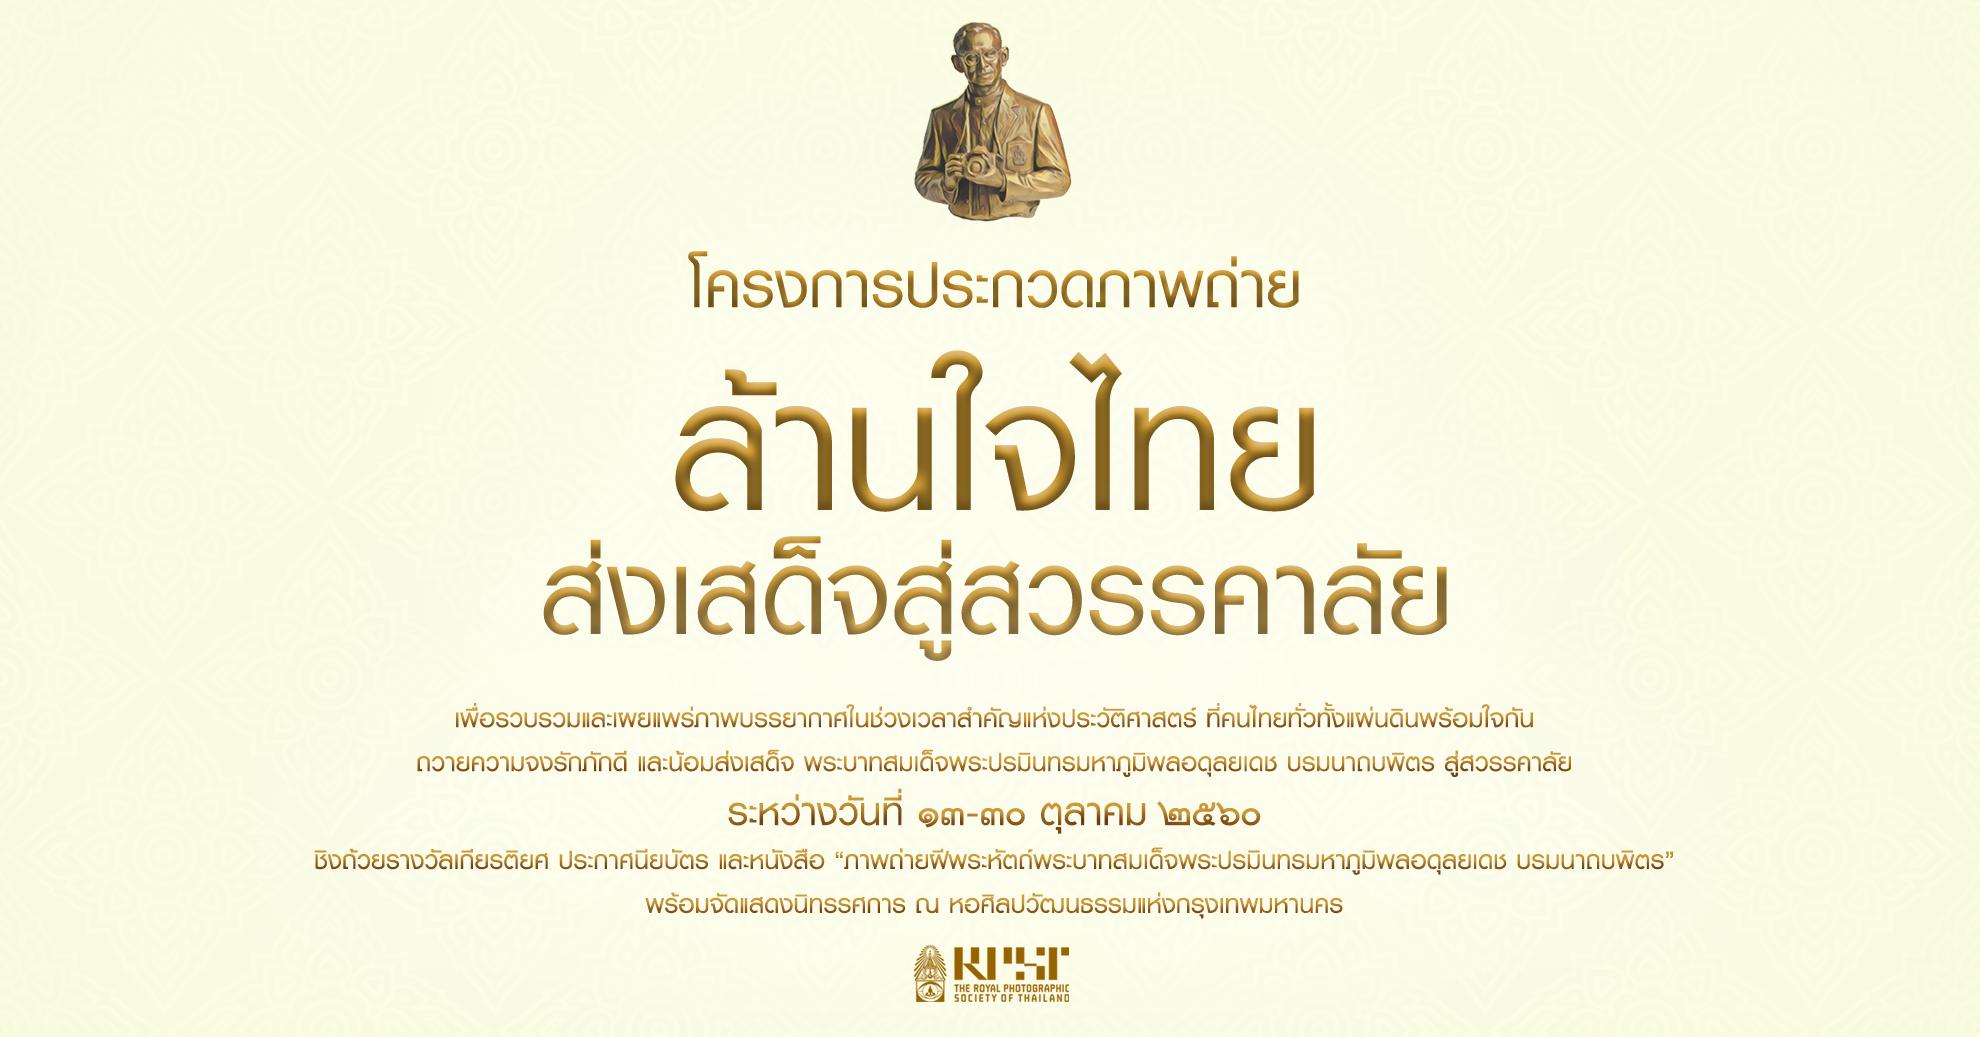 ล้านใจไทย ส่งเสด็จสู่สวรรคาลัย